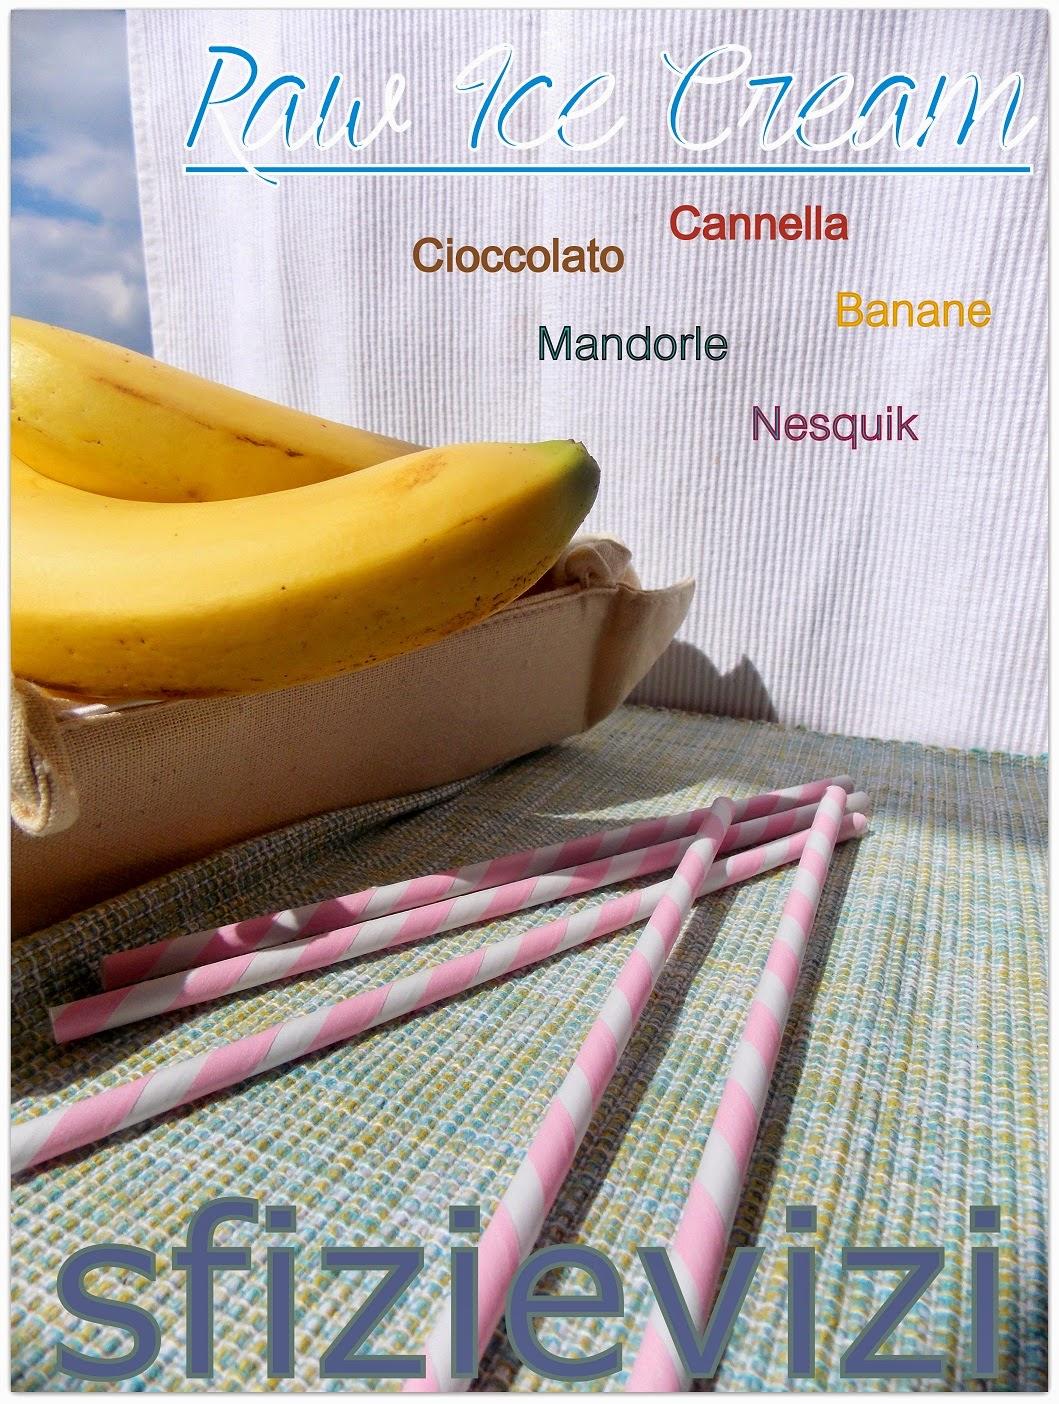 vegan ice cream: gelato cremoso banane e cioccolato con cannella e mandorle (senza gelatiera)